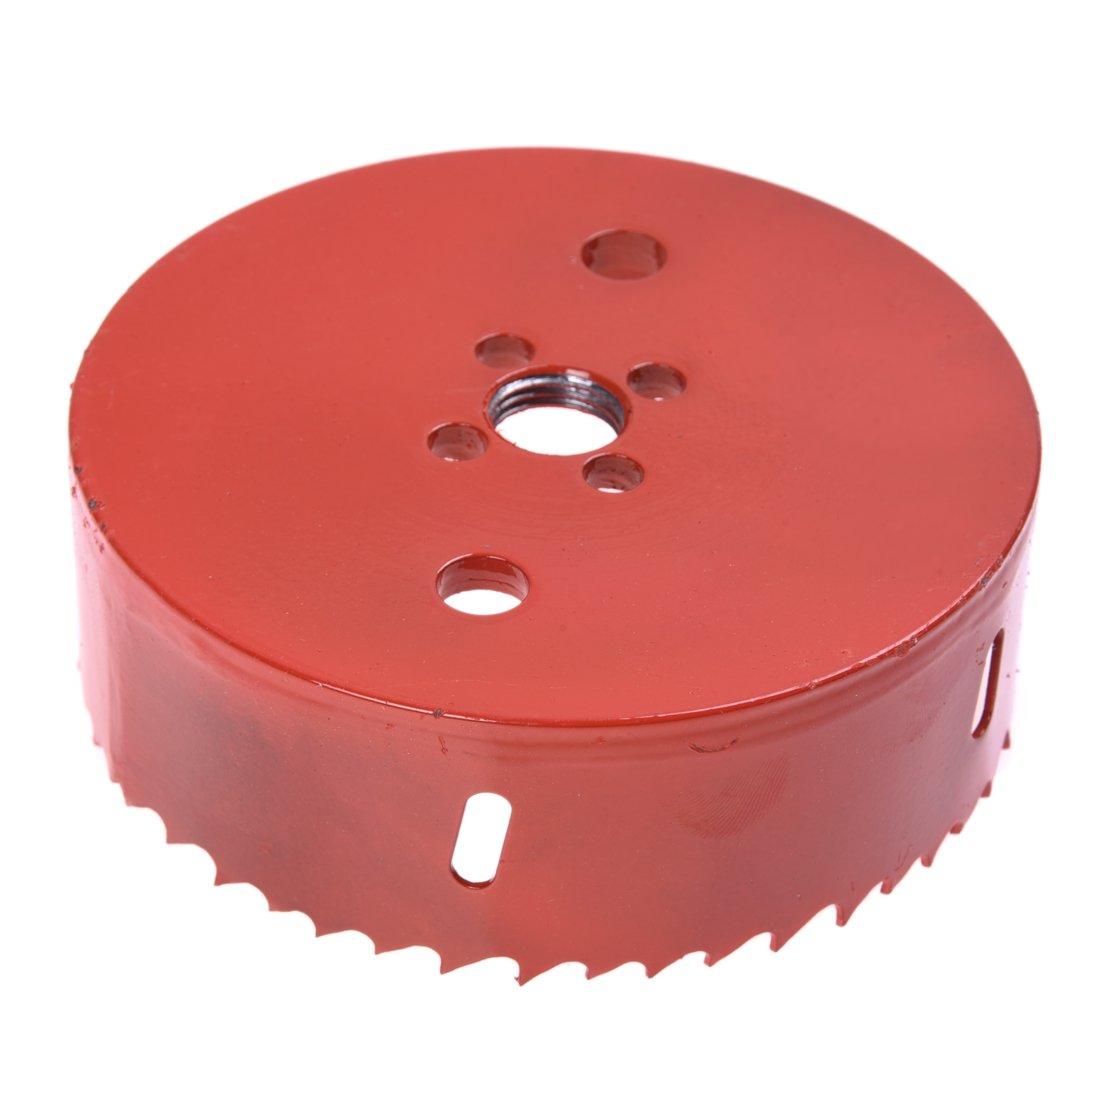 TOOGOO(R) 110mm diametre d'Appareil a percer un trou en metal Rouge et Noir SODIAL(R)